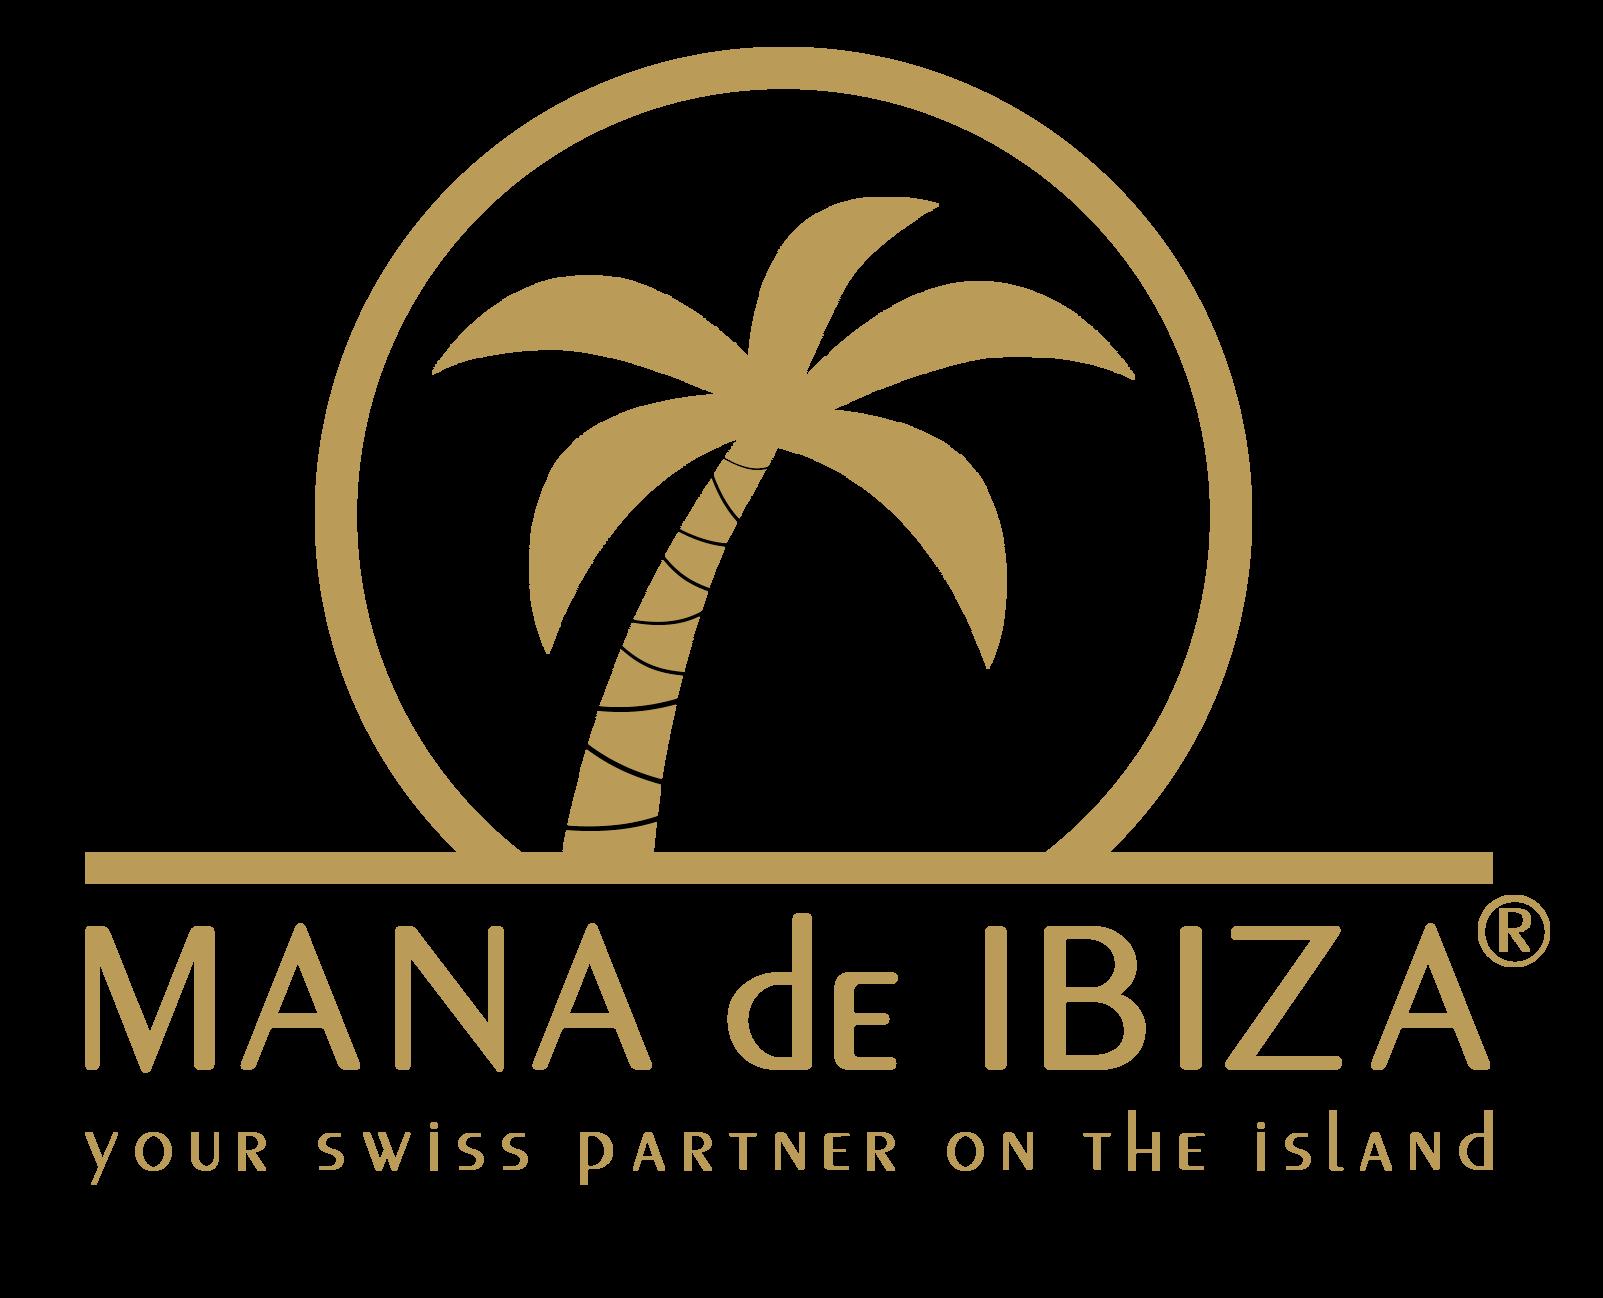 Mana de Ibiza